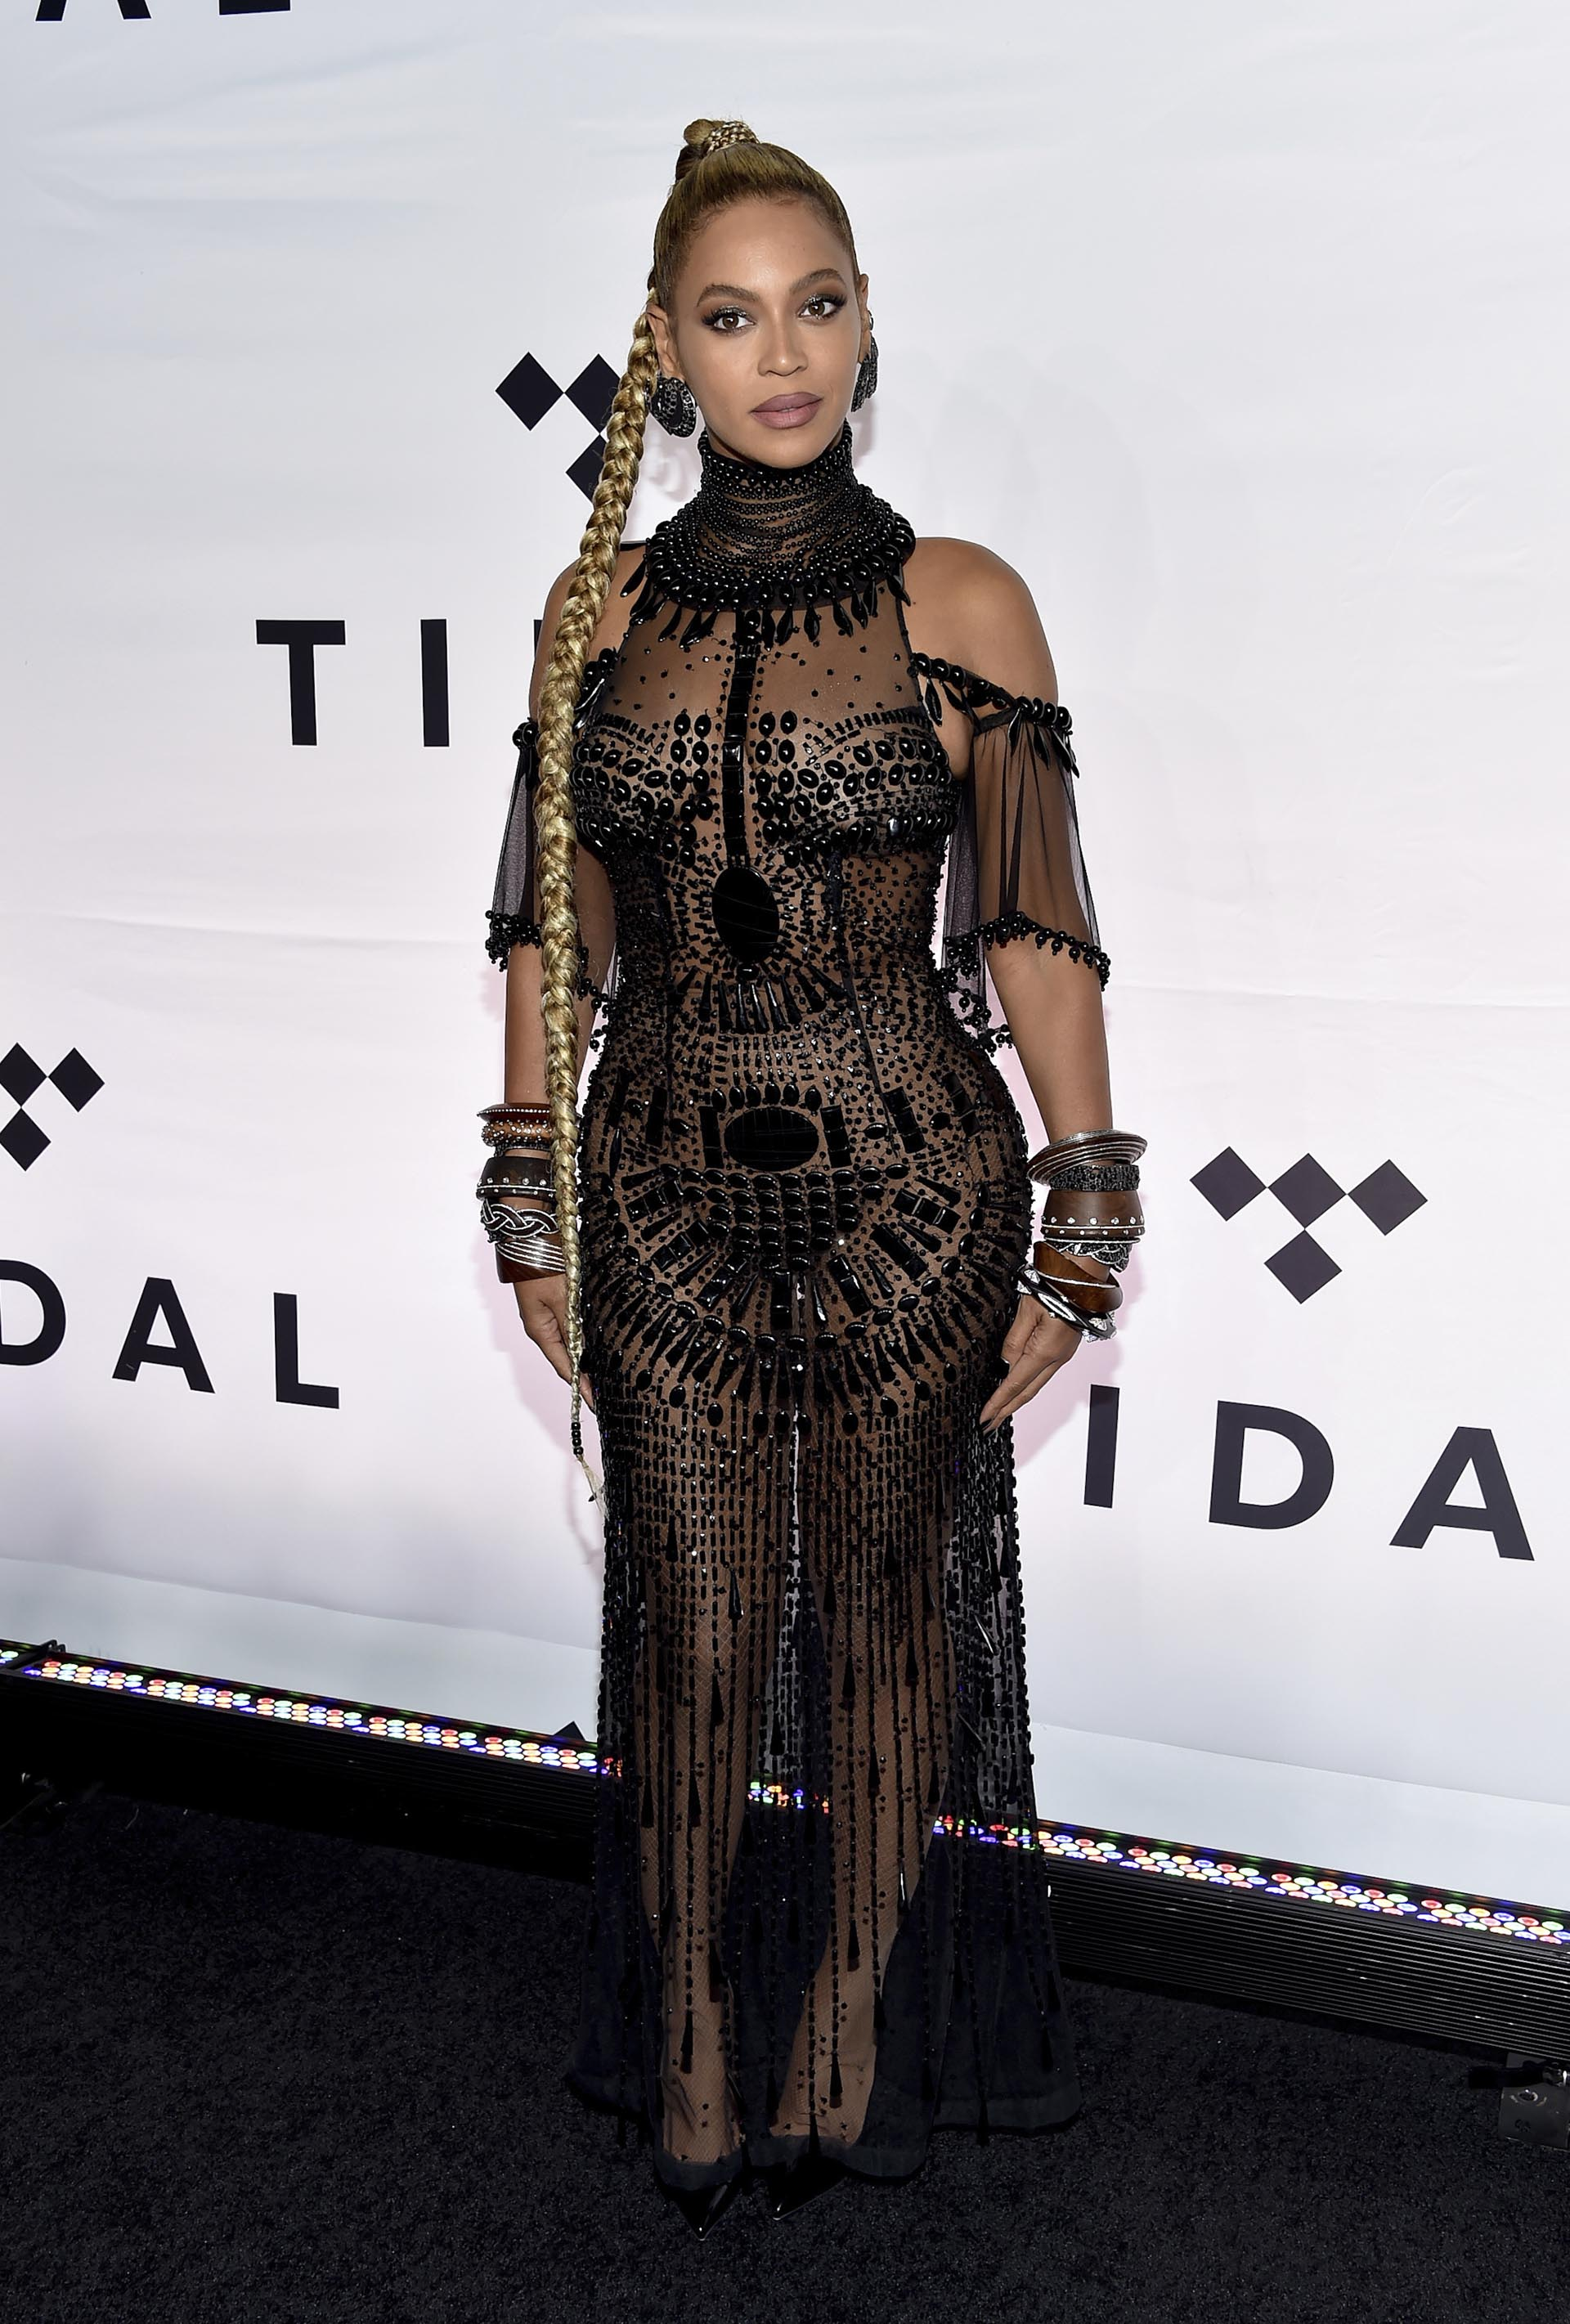 Beyonce Knowles sorprendió con su osado look y una larga trenza rubia a su llegada al Barclays Center